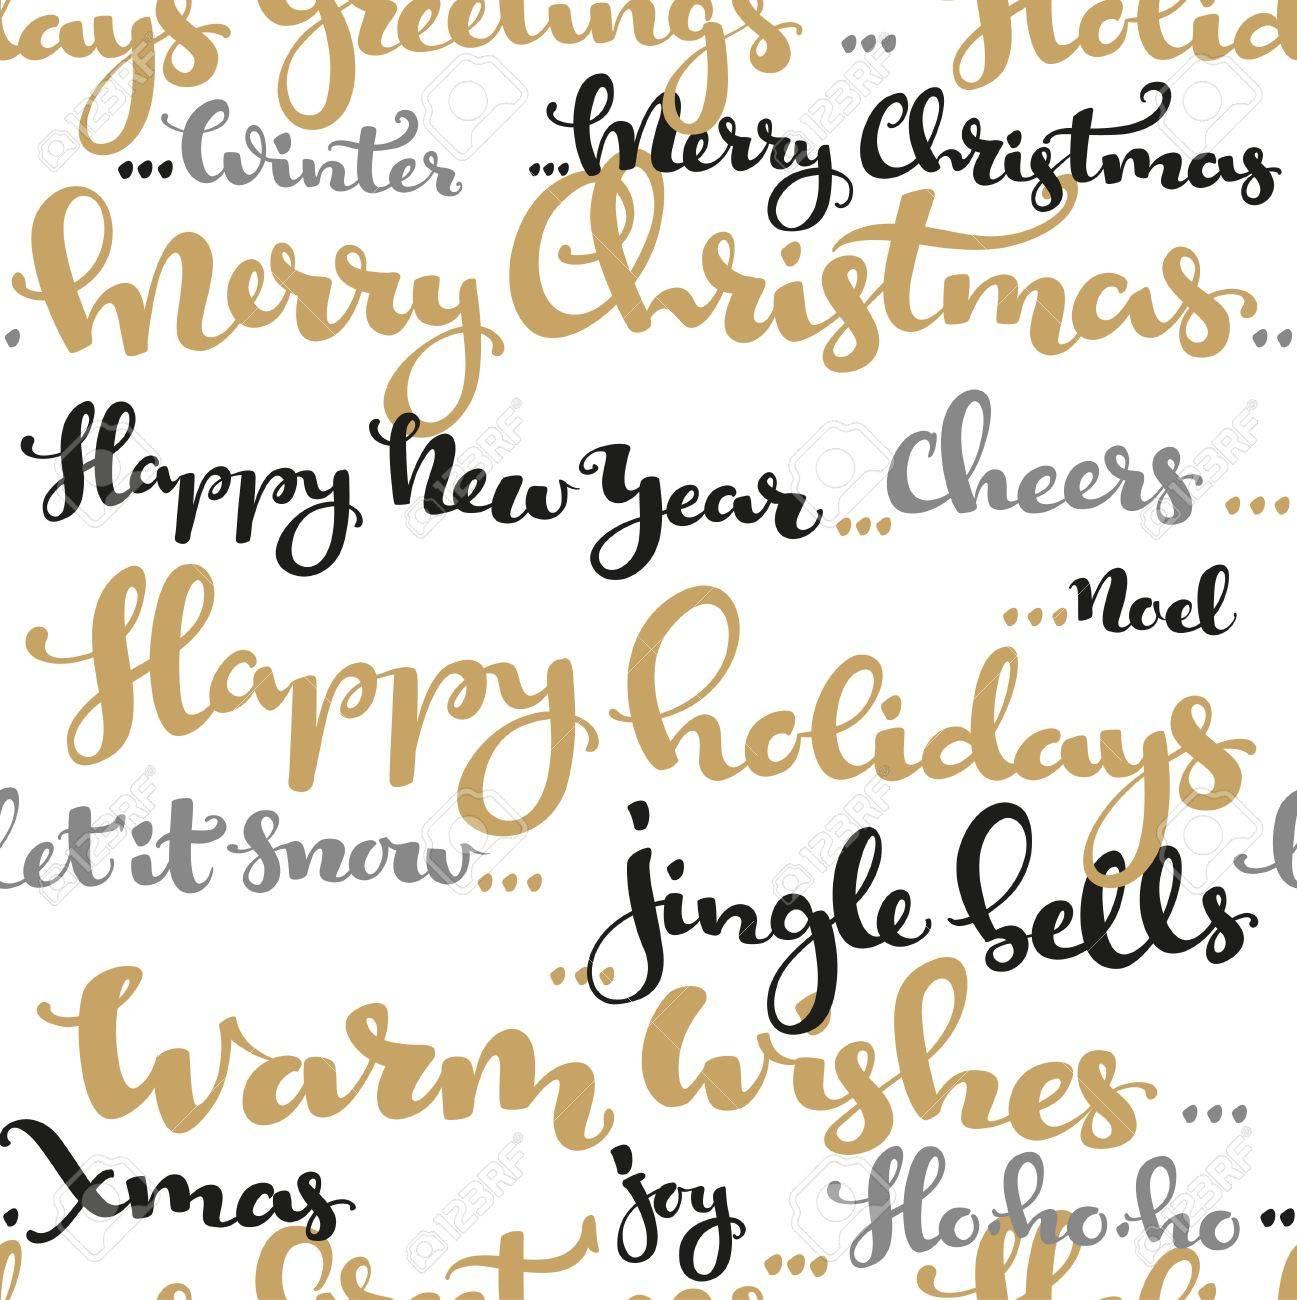 Muster Für Weihnachtsgrüße.Stock Photo